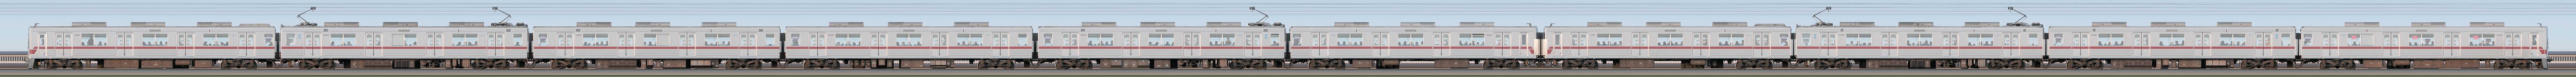 東武30000系31602編成(海側)の編成サイドビュー